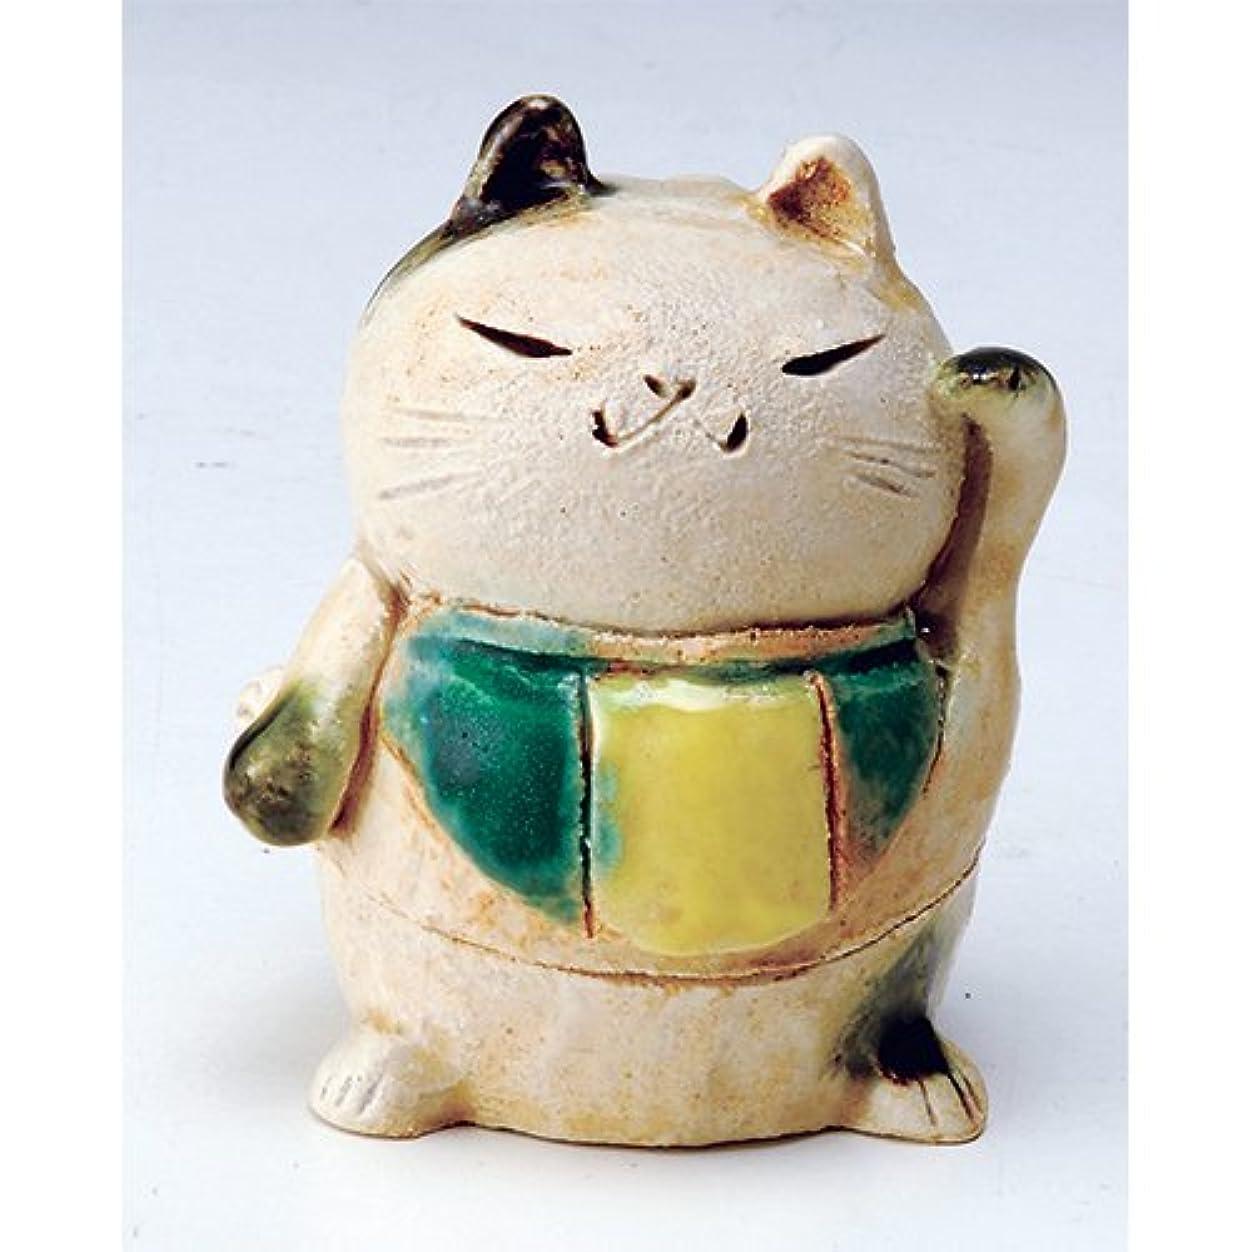 広がり洞察力のある暗殺者香炉 白萩 招き猫(人)香炉(小) [H8cm] HANDMADE プレゼント ギフト 和食器 かわいい インテリア